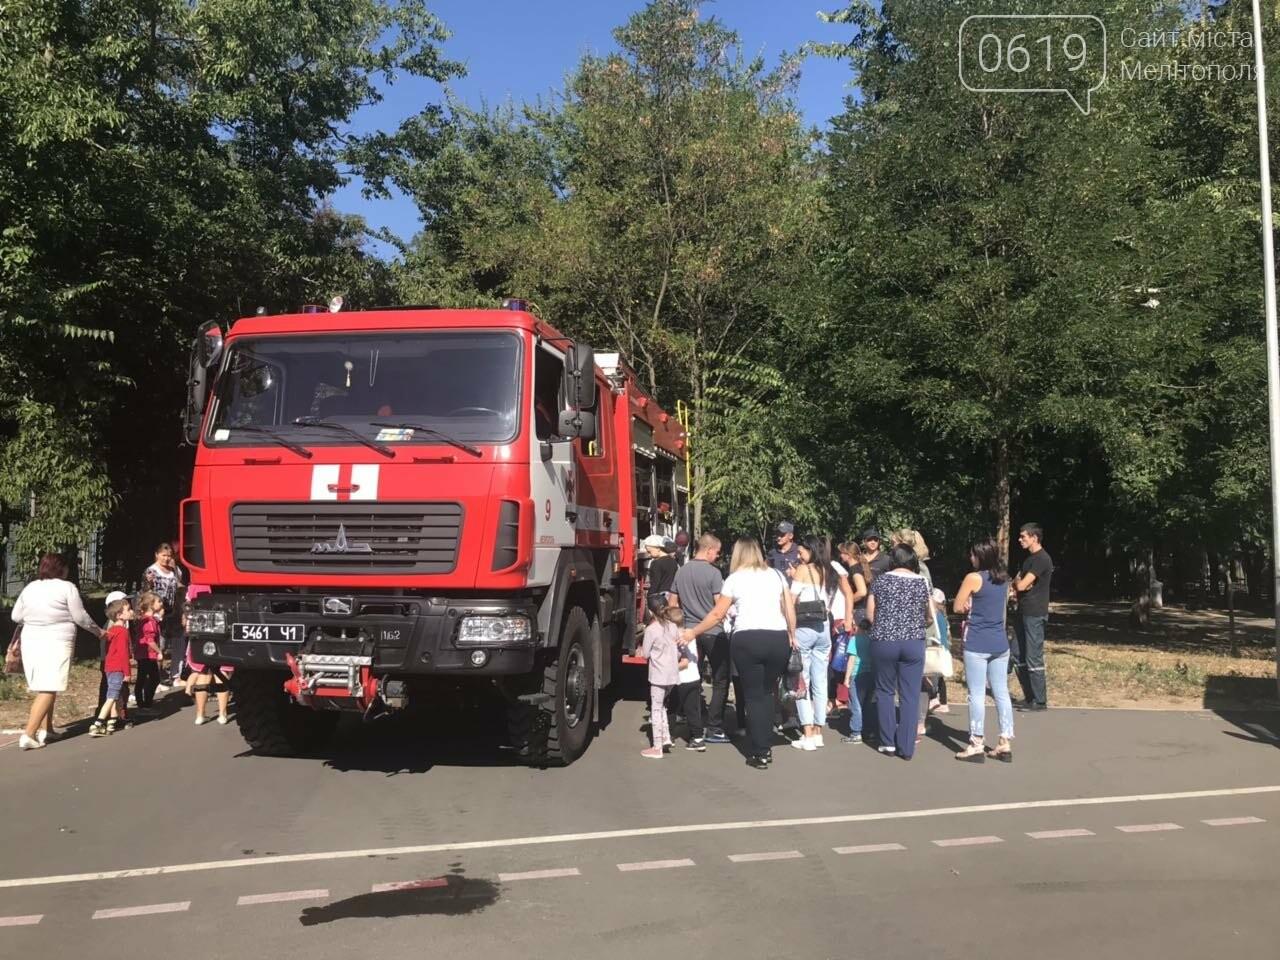 Мелитопольские спасатели провели масштабную акцию для детей, фото-18